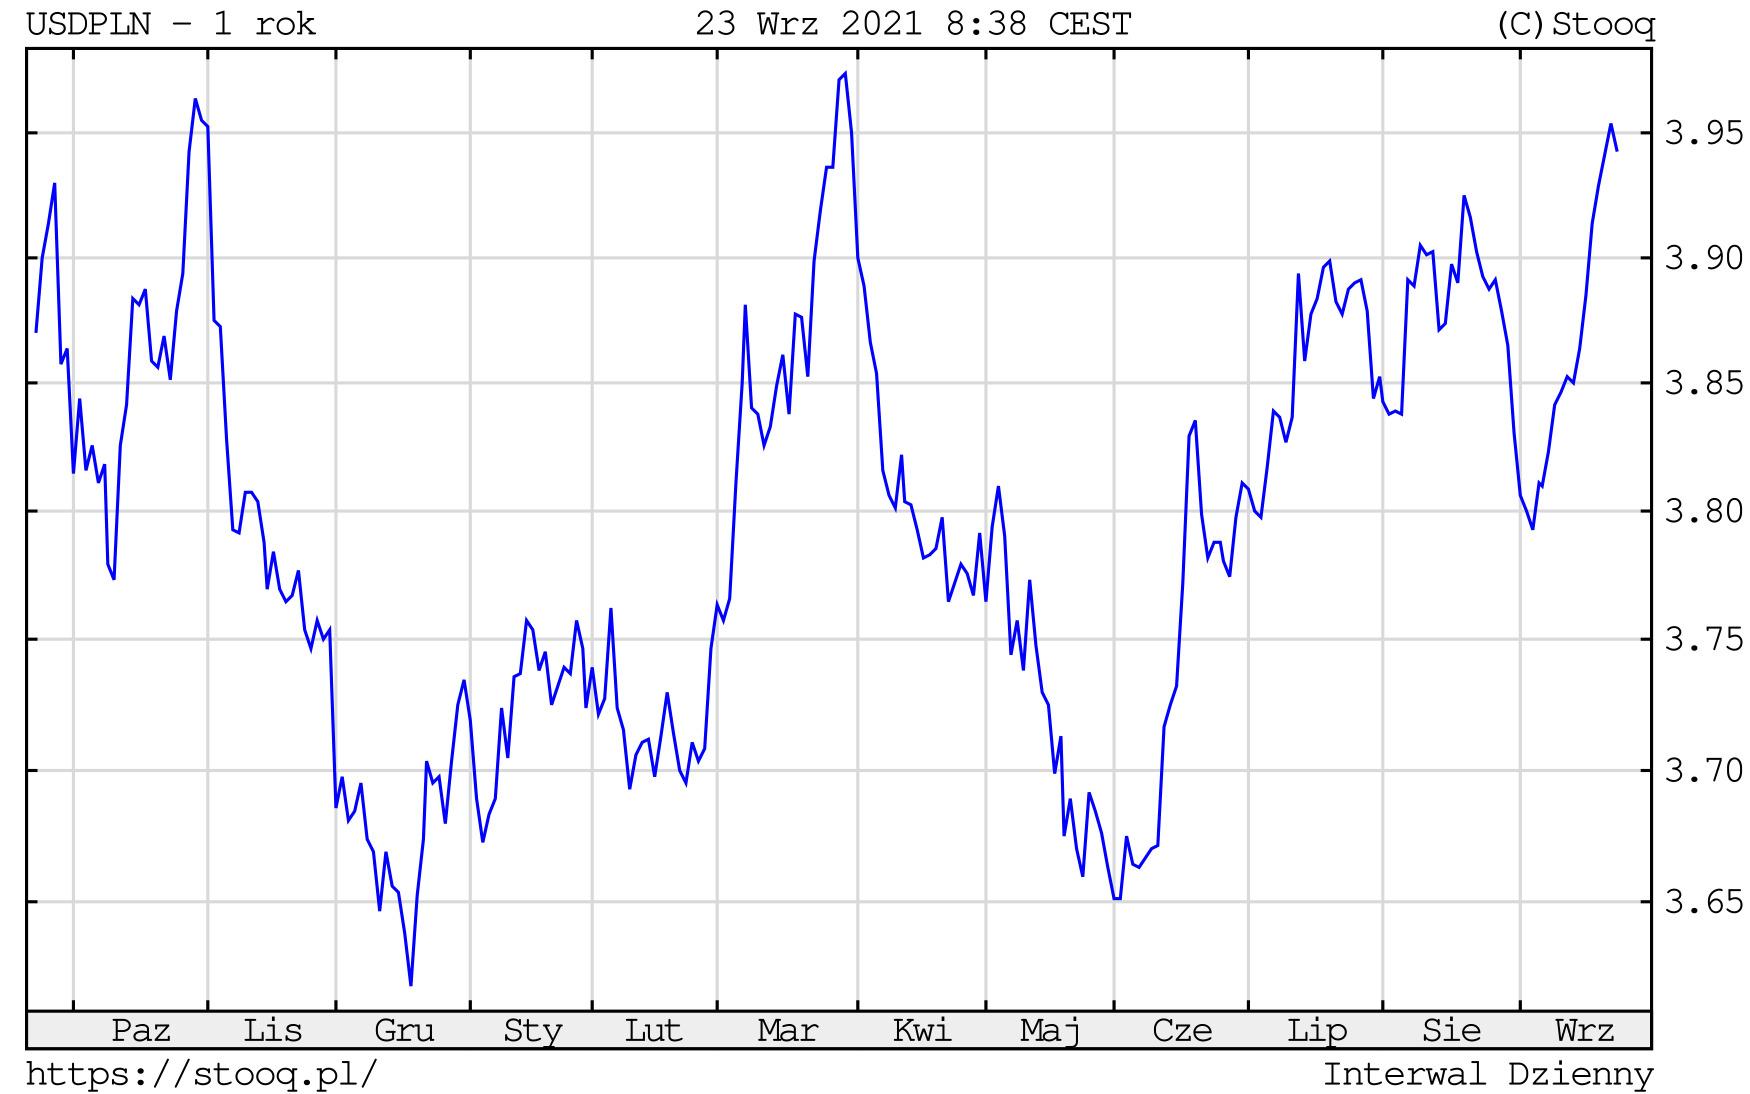 Kurs dolara w czwartek, 23 września 2021 roku. Notowania USD/PLN na wykresie dziennym